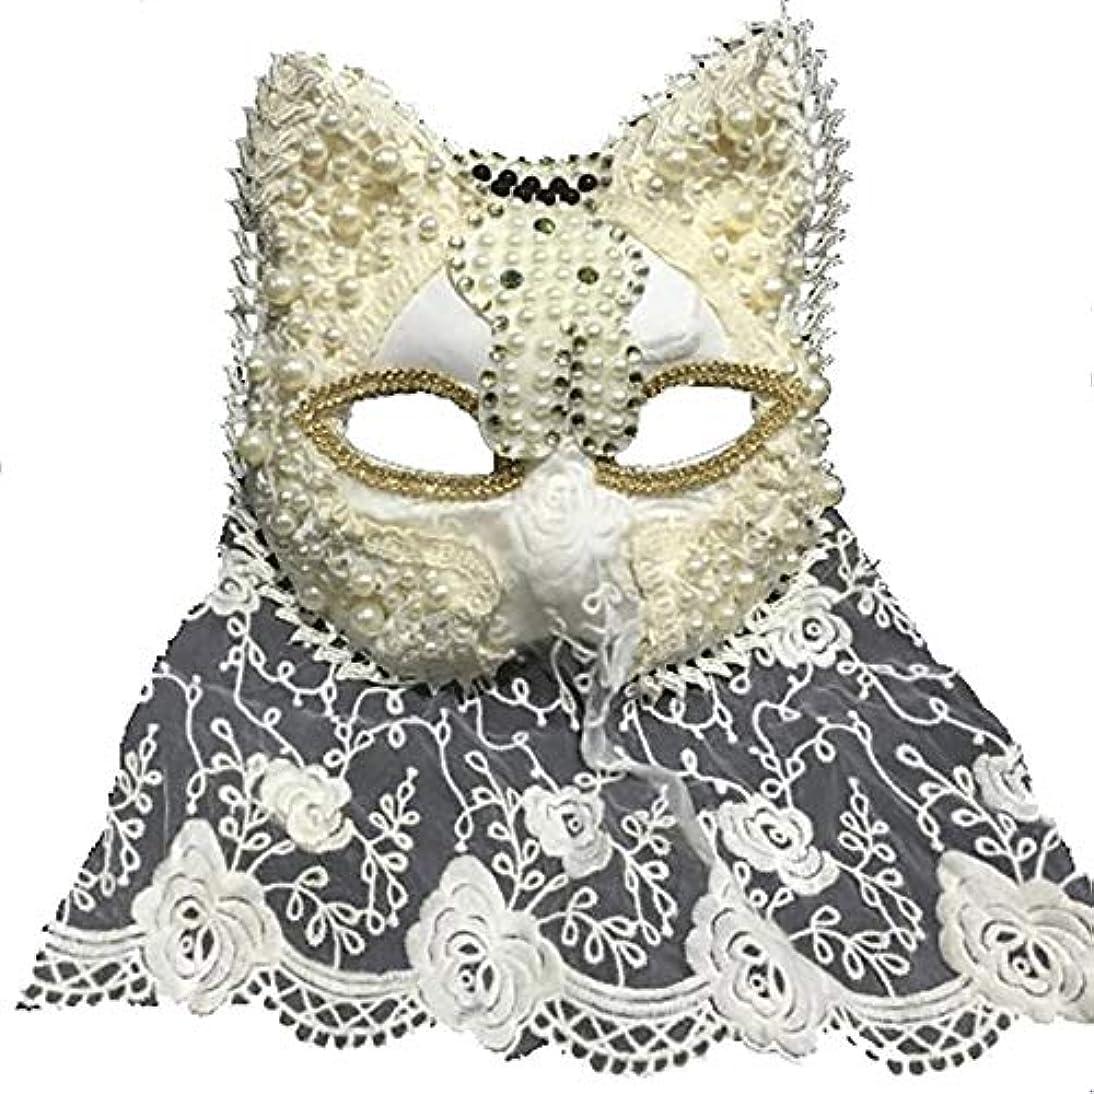 すばらしいです最近石Nanle ハロウィーンクリスマスフリンジフェザーフラワークリスタルビーズマスク仮装マスクレディミスプリンセス美容祭パーティーデコレーションマスク (色 : Style F)